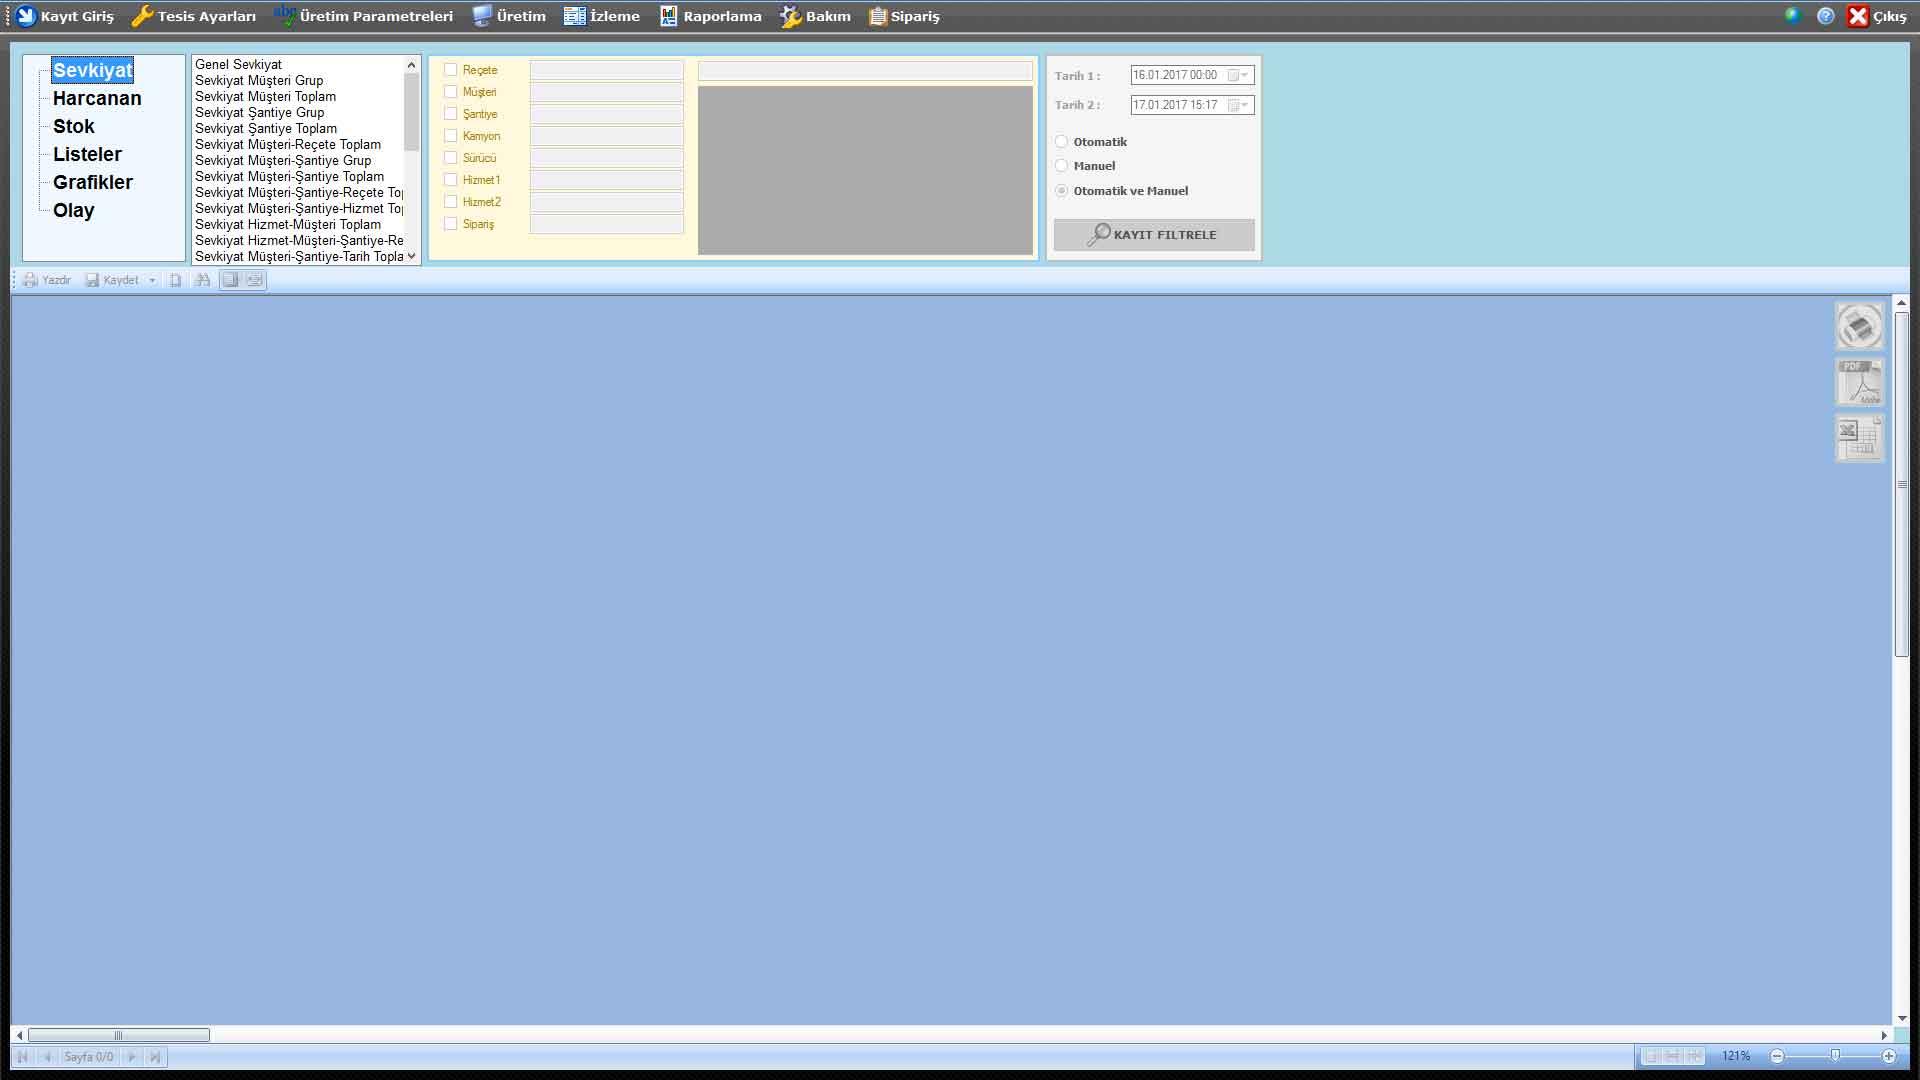 ProkserNET Raporlama Ekranı